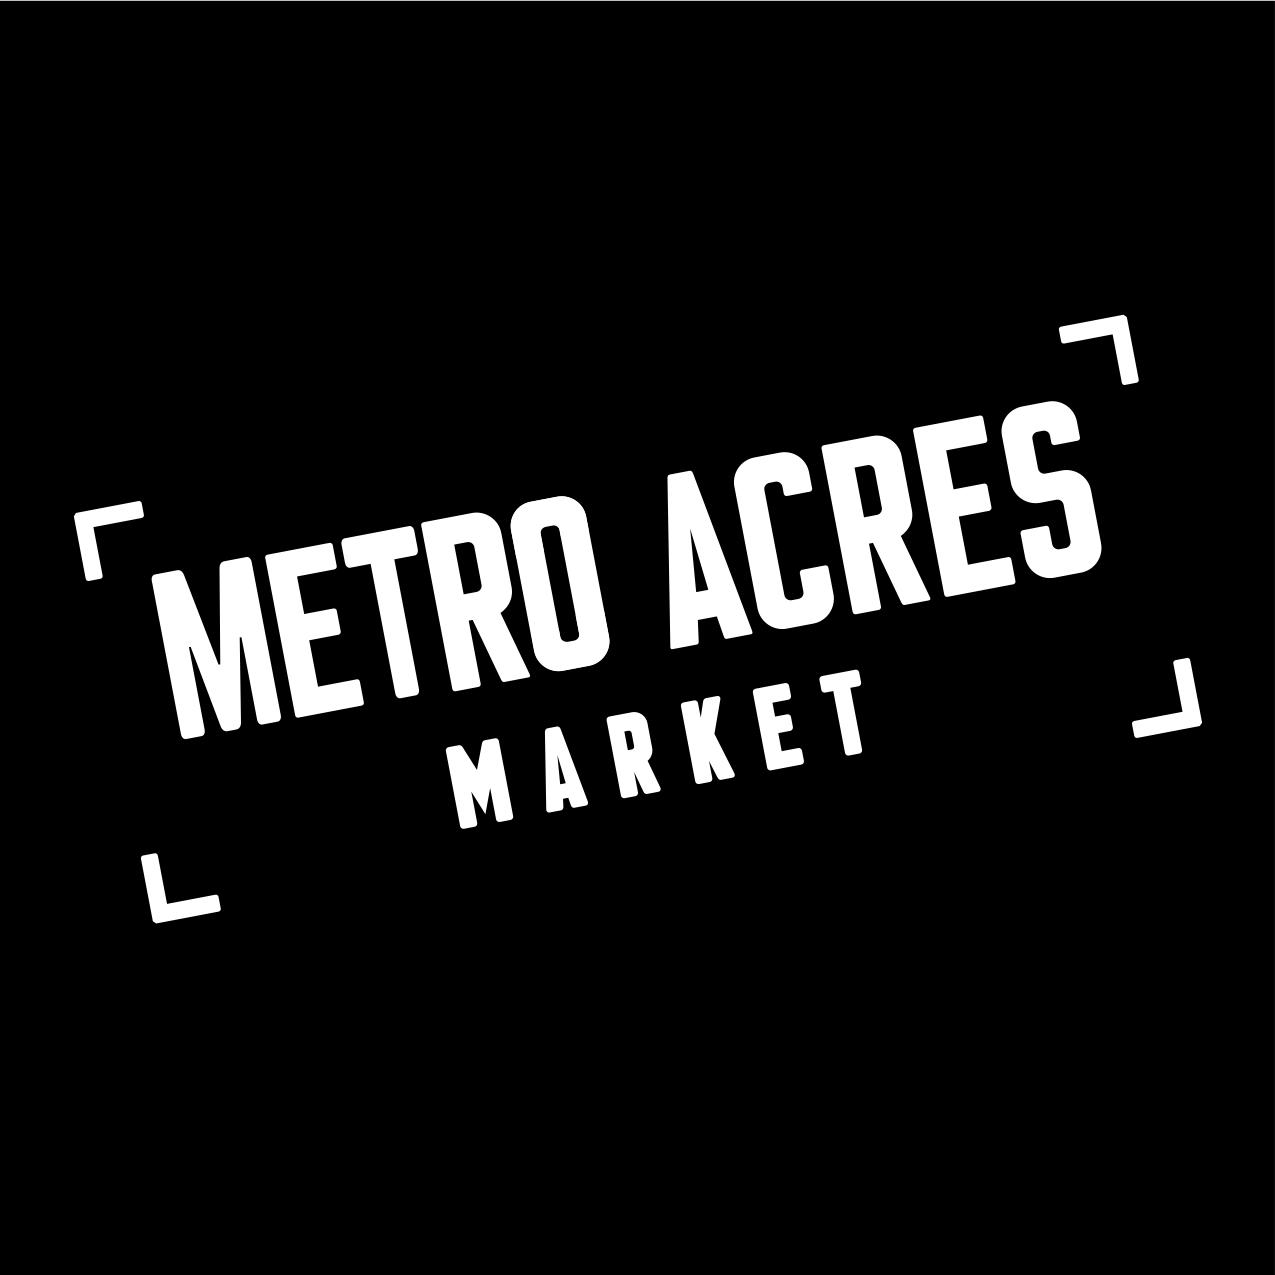 Metro Acres Market logo